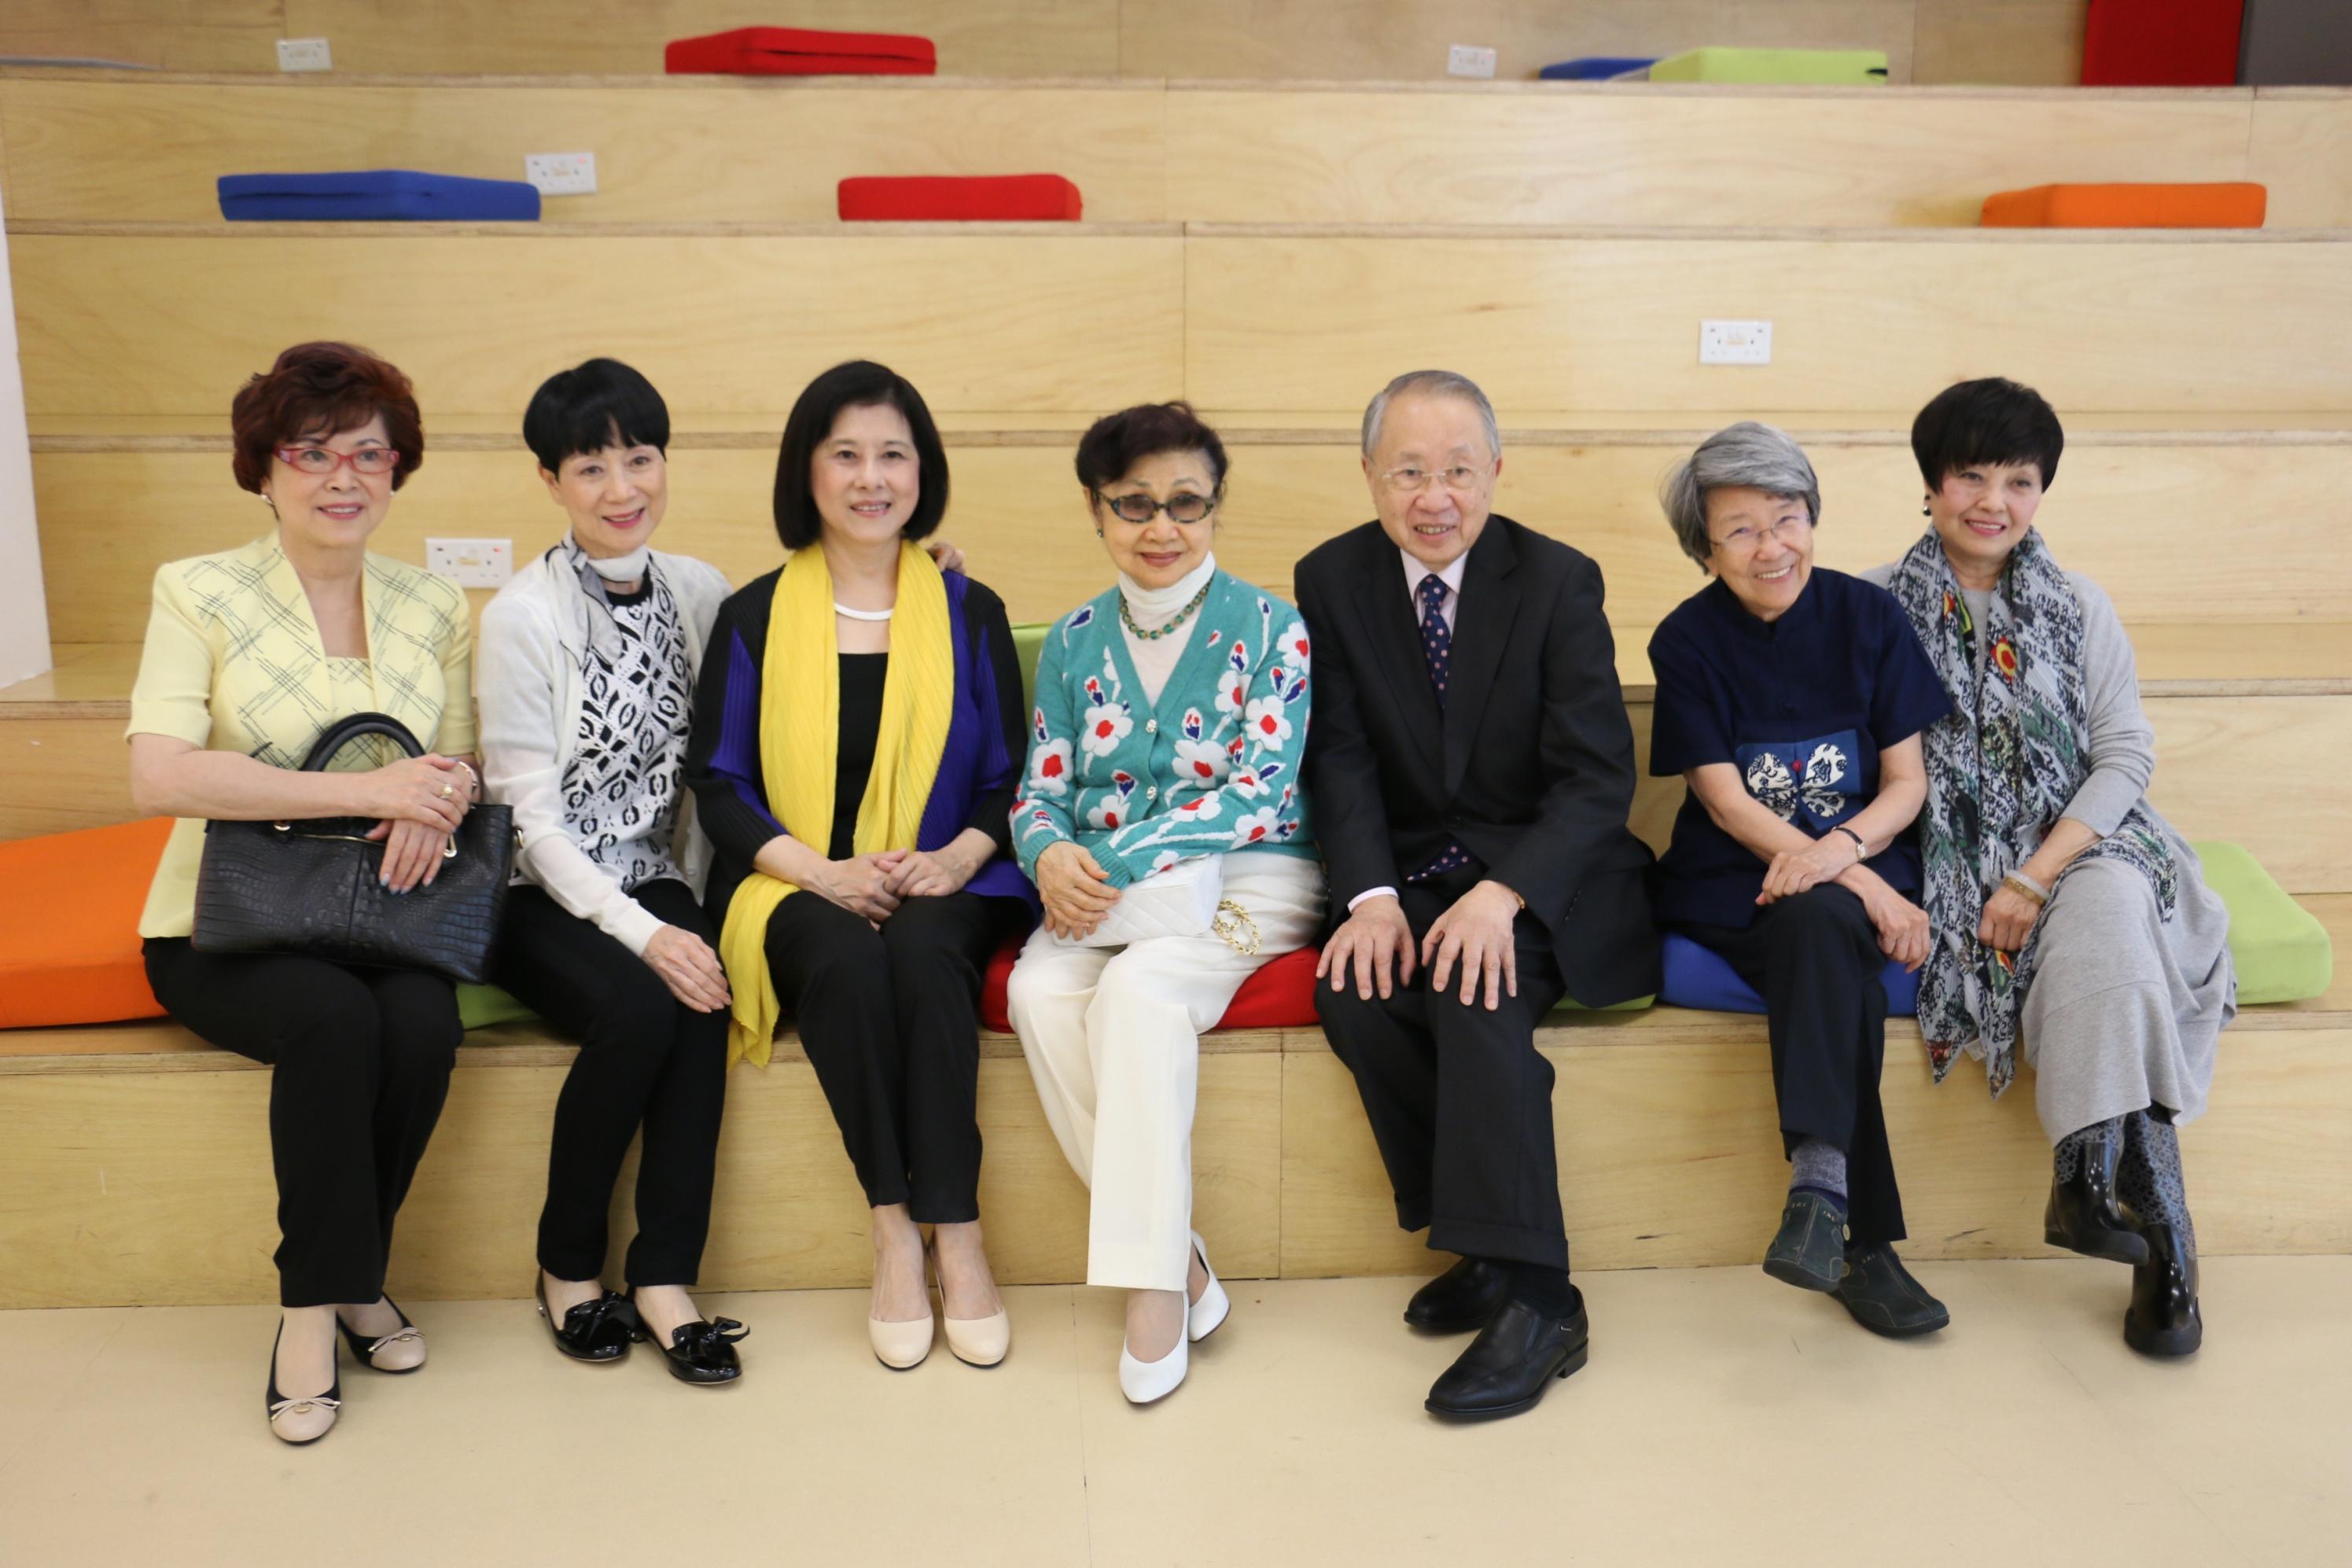 (左起)黃德貽女士、陳寶珠女士、張敏儀女士、白雪仙博士、陳培偉醫生、盧瑋鑾教授、梅雪詩女士攝於進學園